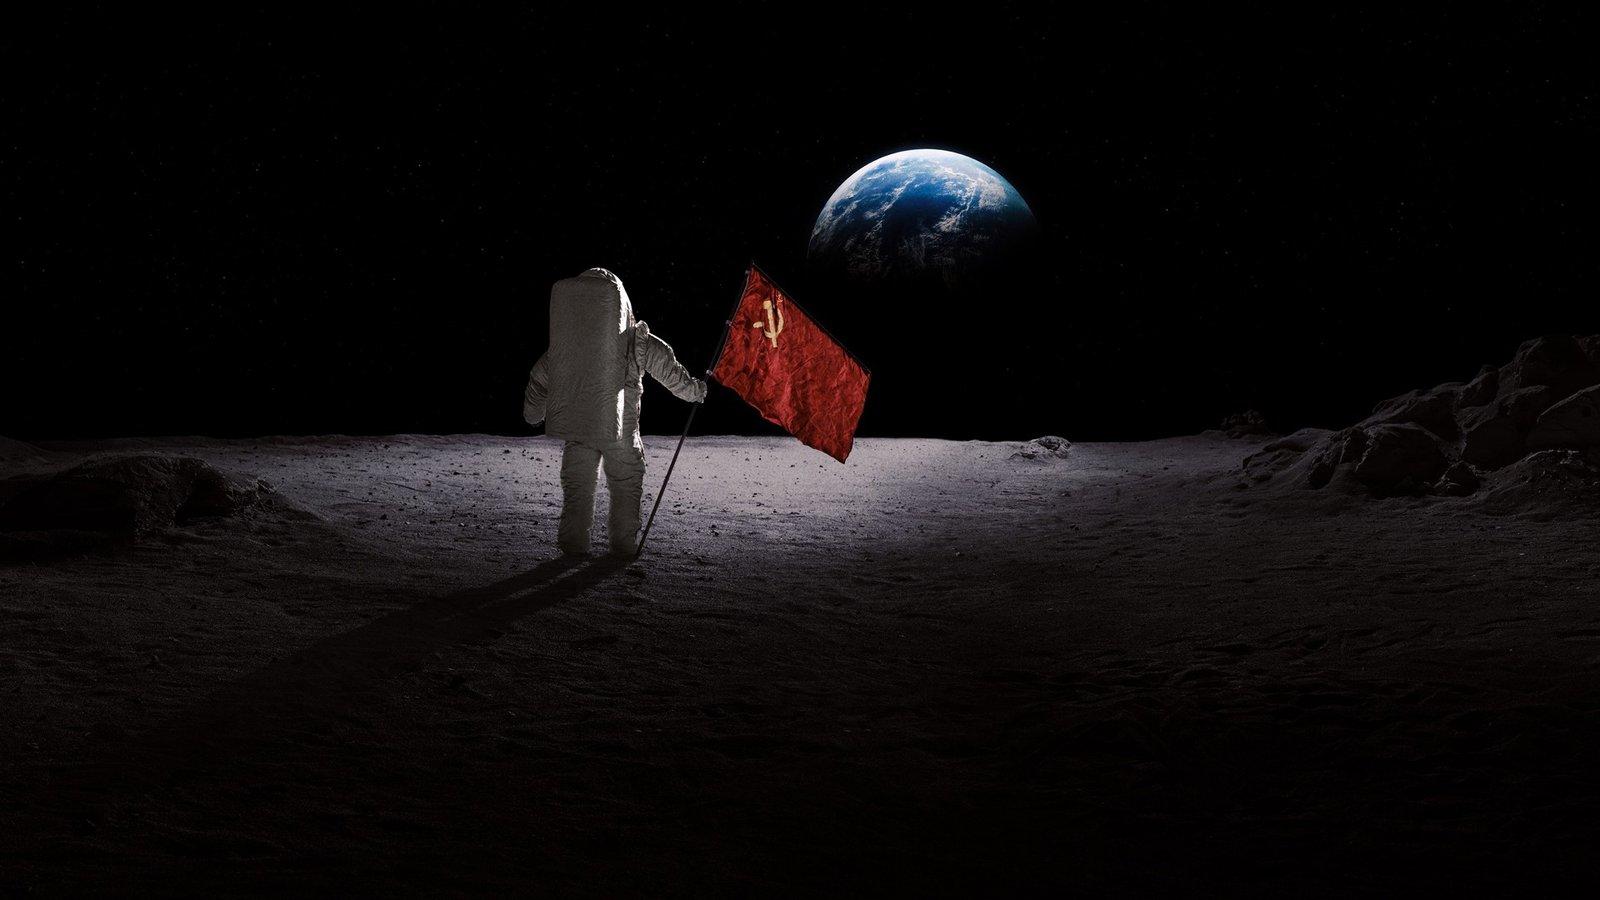 Ради всего человечества / For All Mankind